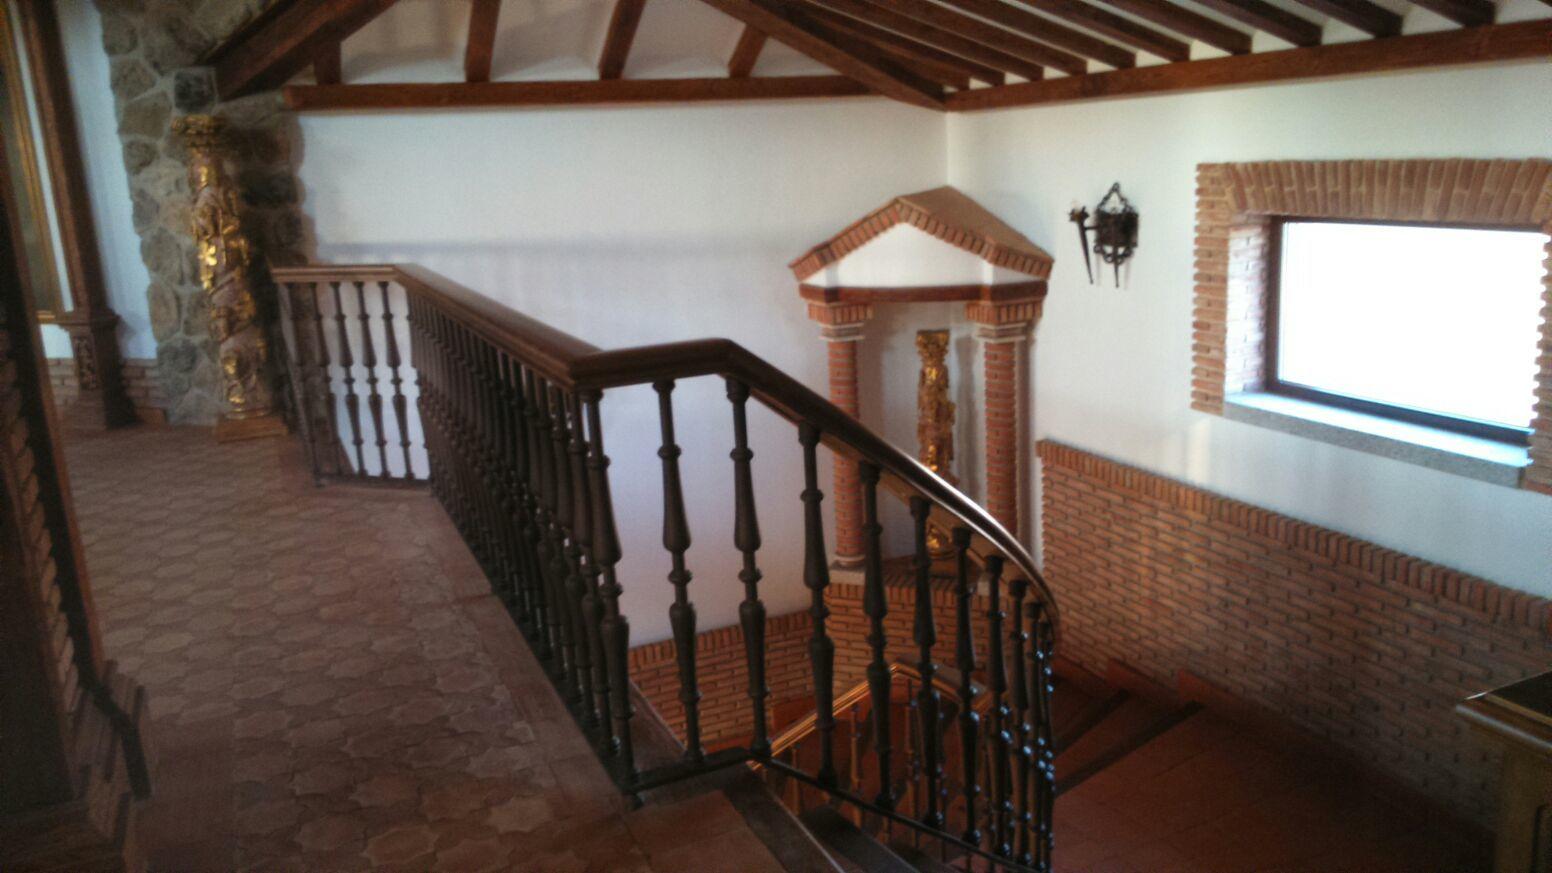 Disenos de escaleras de madera para interiores dise os - Escaleras de madera interior ...